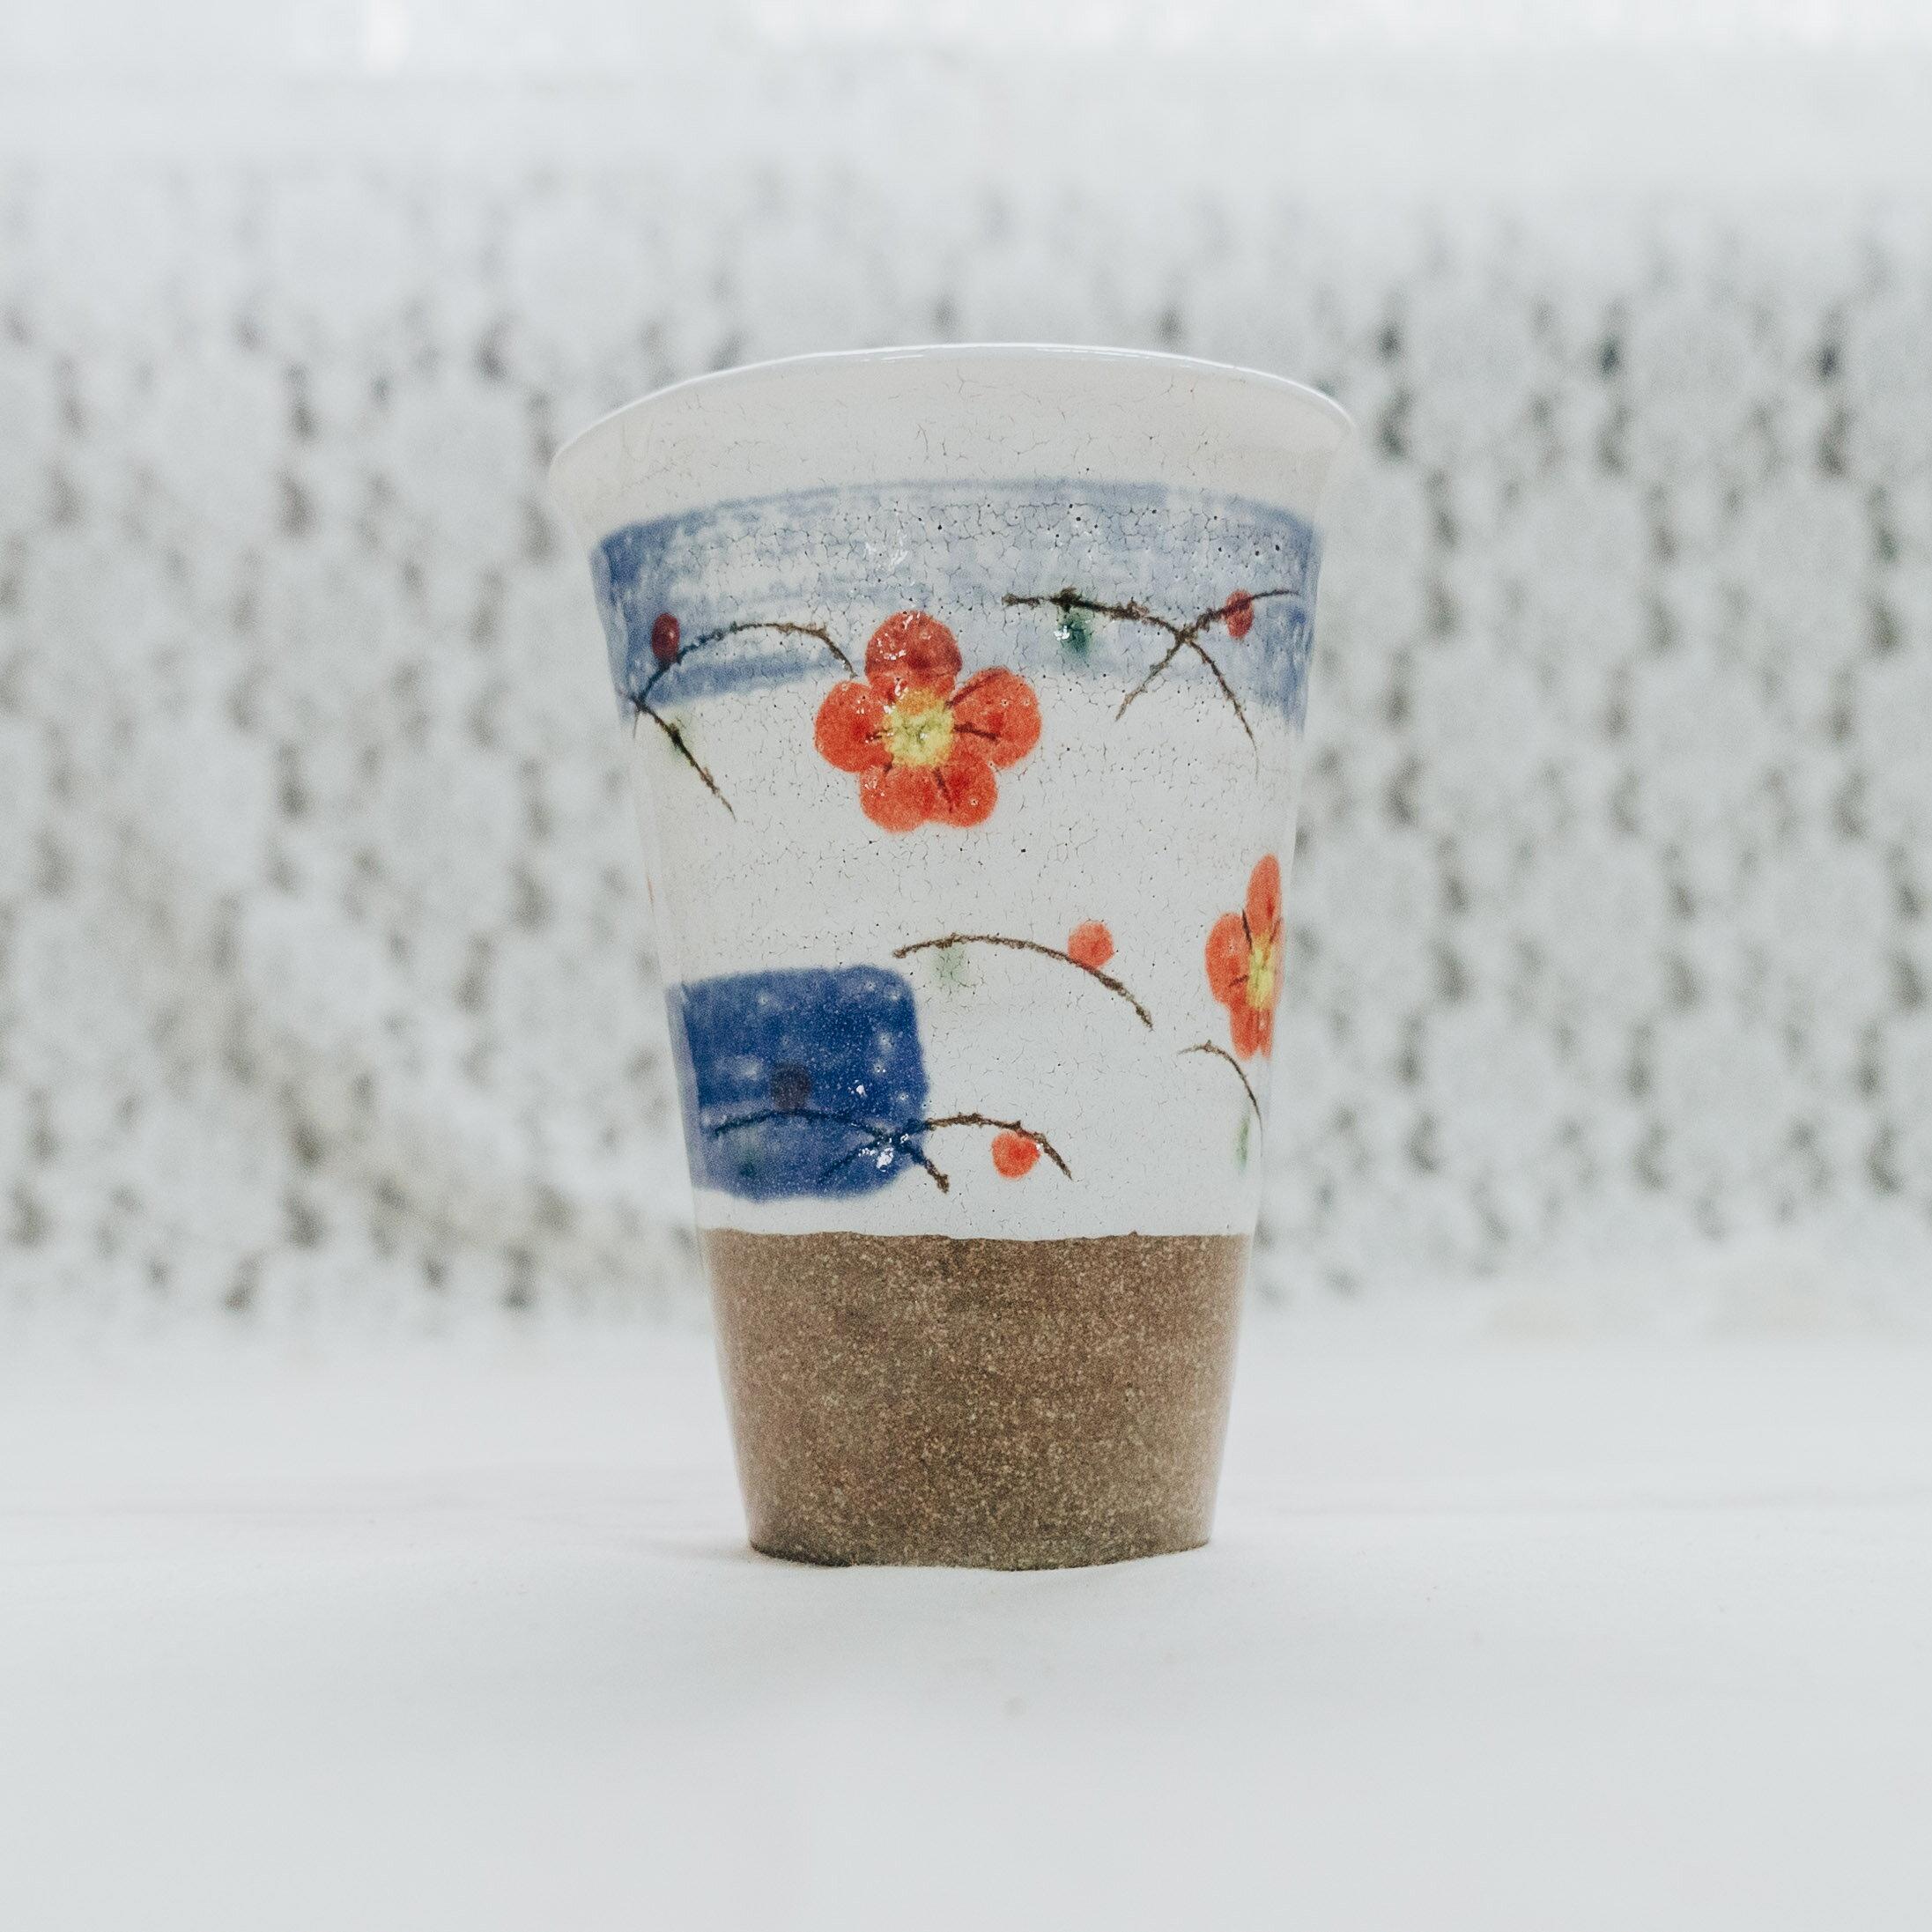 日本手繪杯/日本進口/有田燒/美濃燒/咖啡杯/水杯/陶瓷馬克杯/牛奶杯